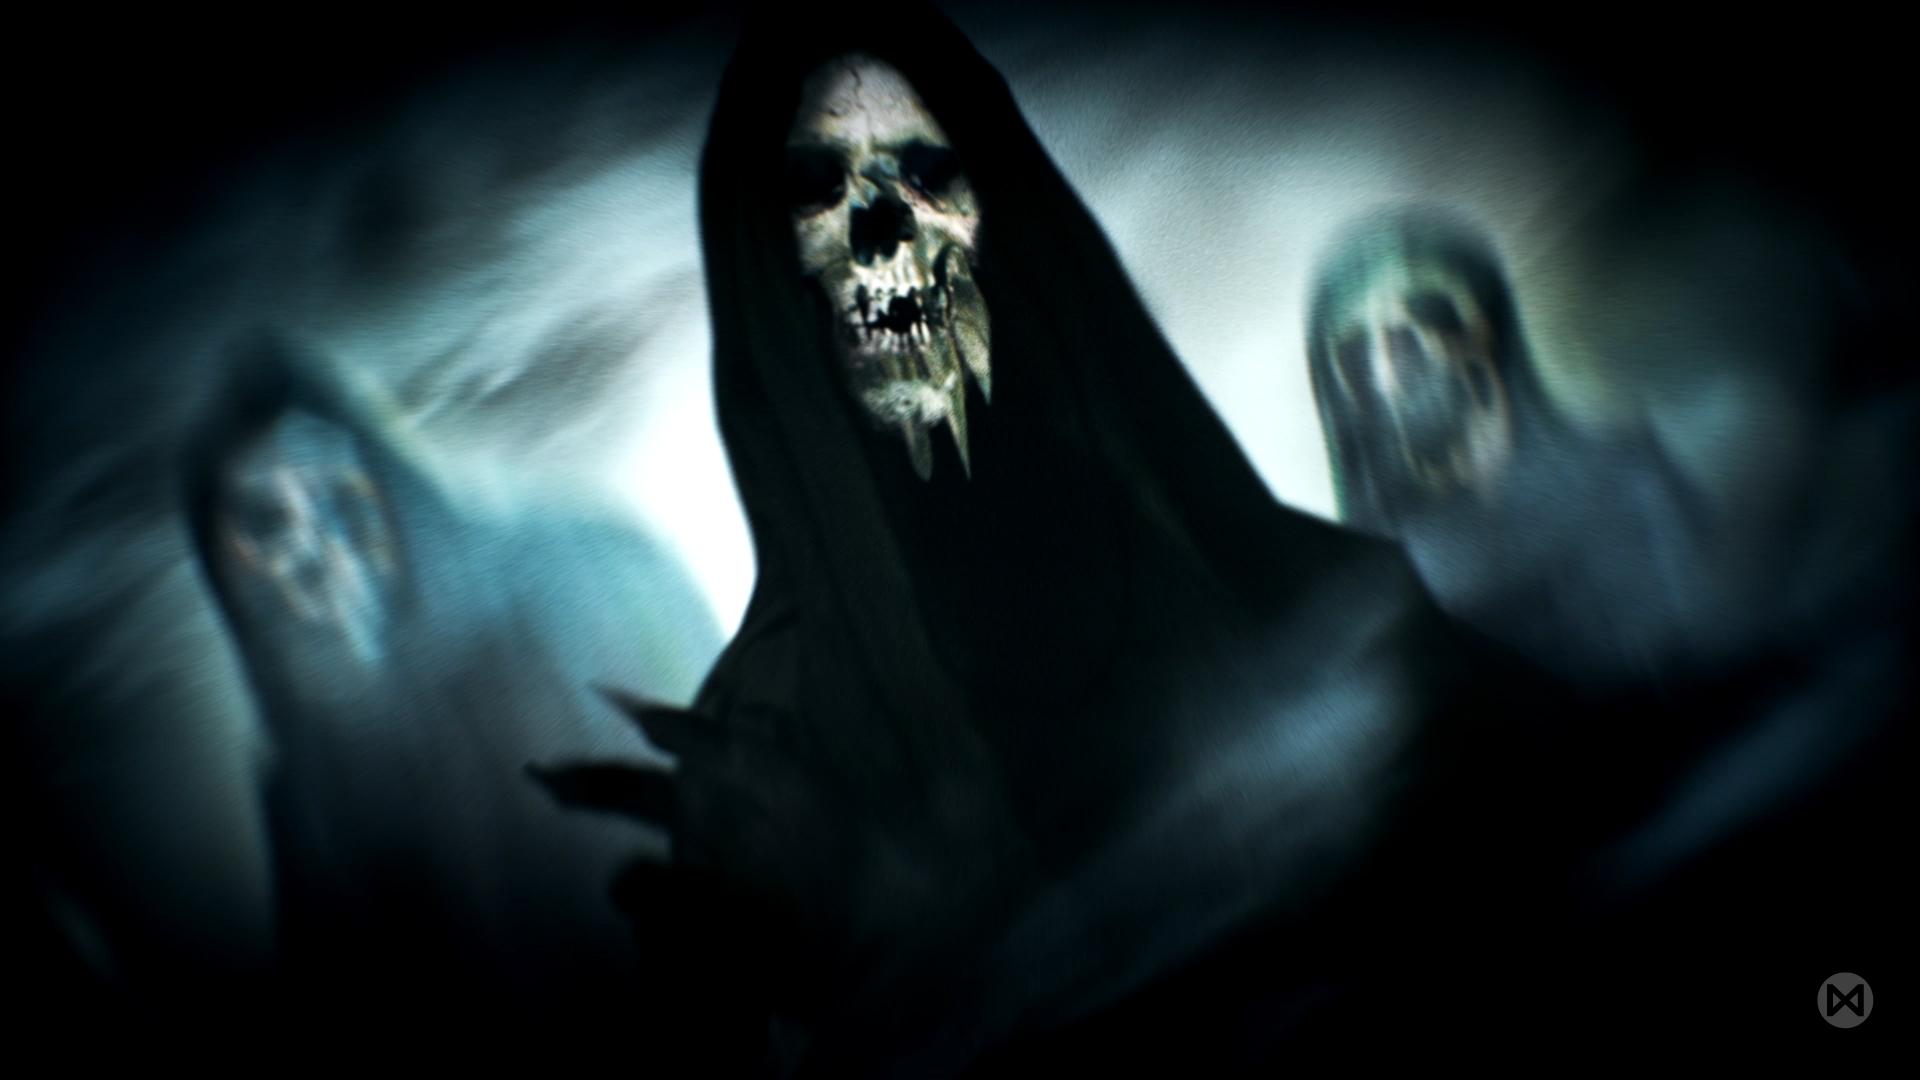 DarkMatter_ElderScrolls Sizzle-13.jpg